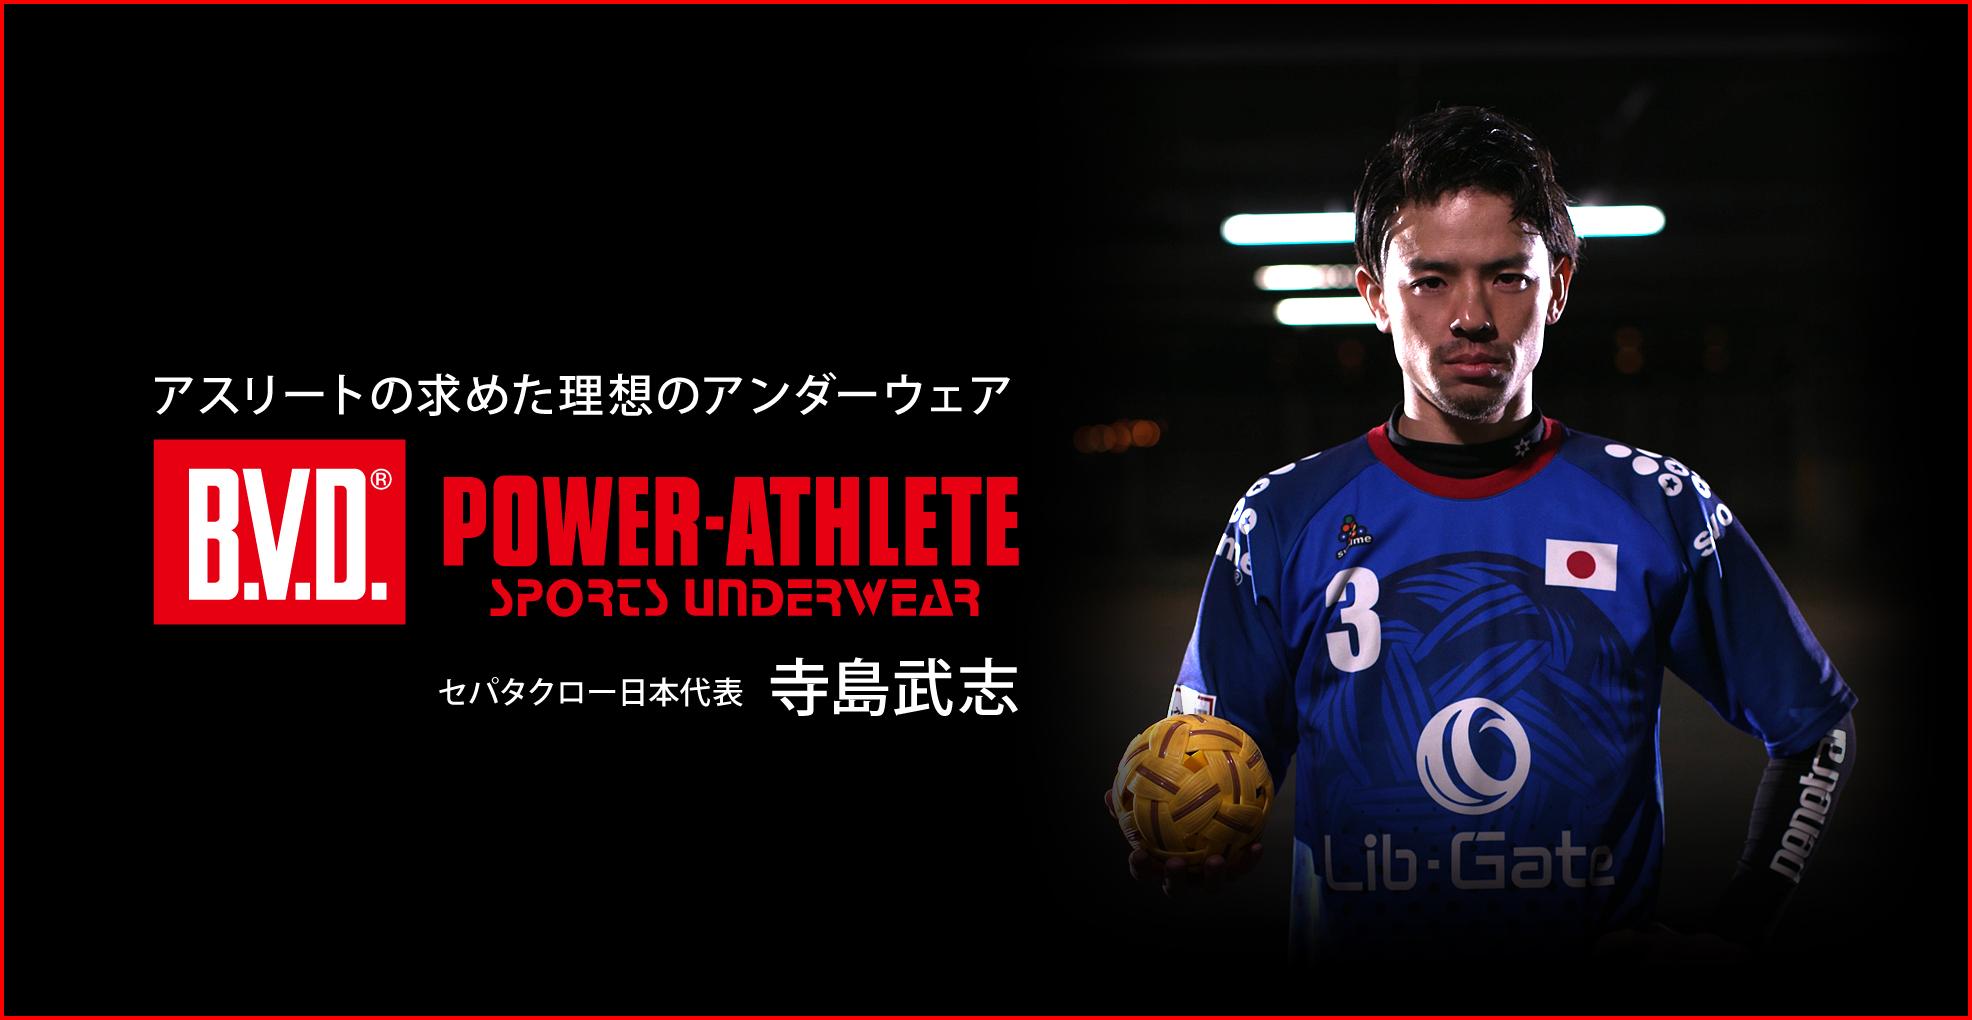 セパタクロー×BVD POWER-ATHLETE 日本セパタクロー界の第一人者、寺島 武志